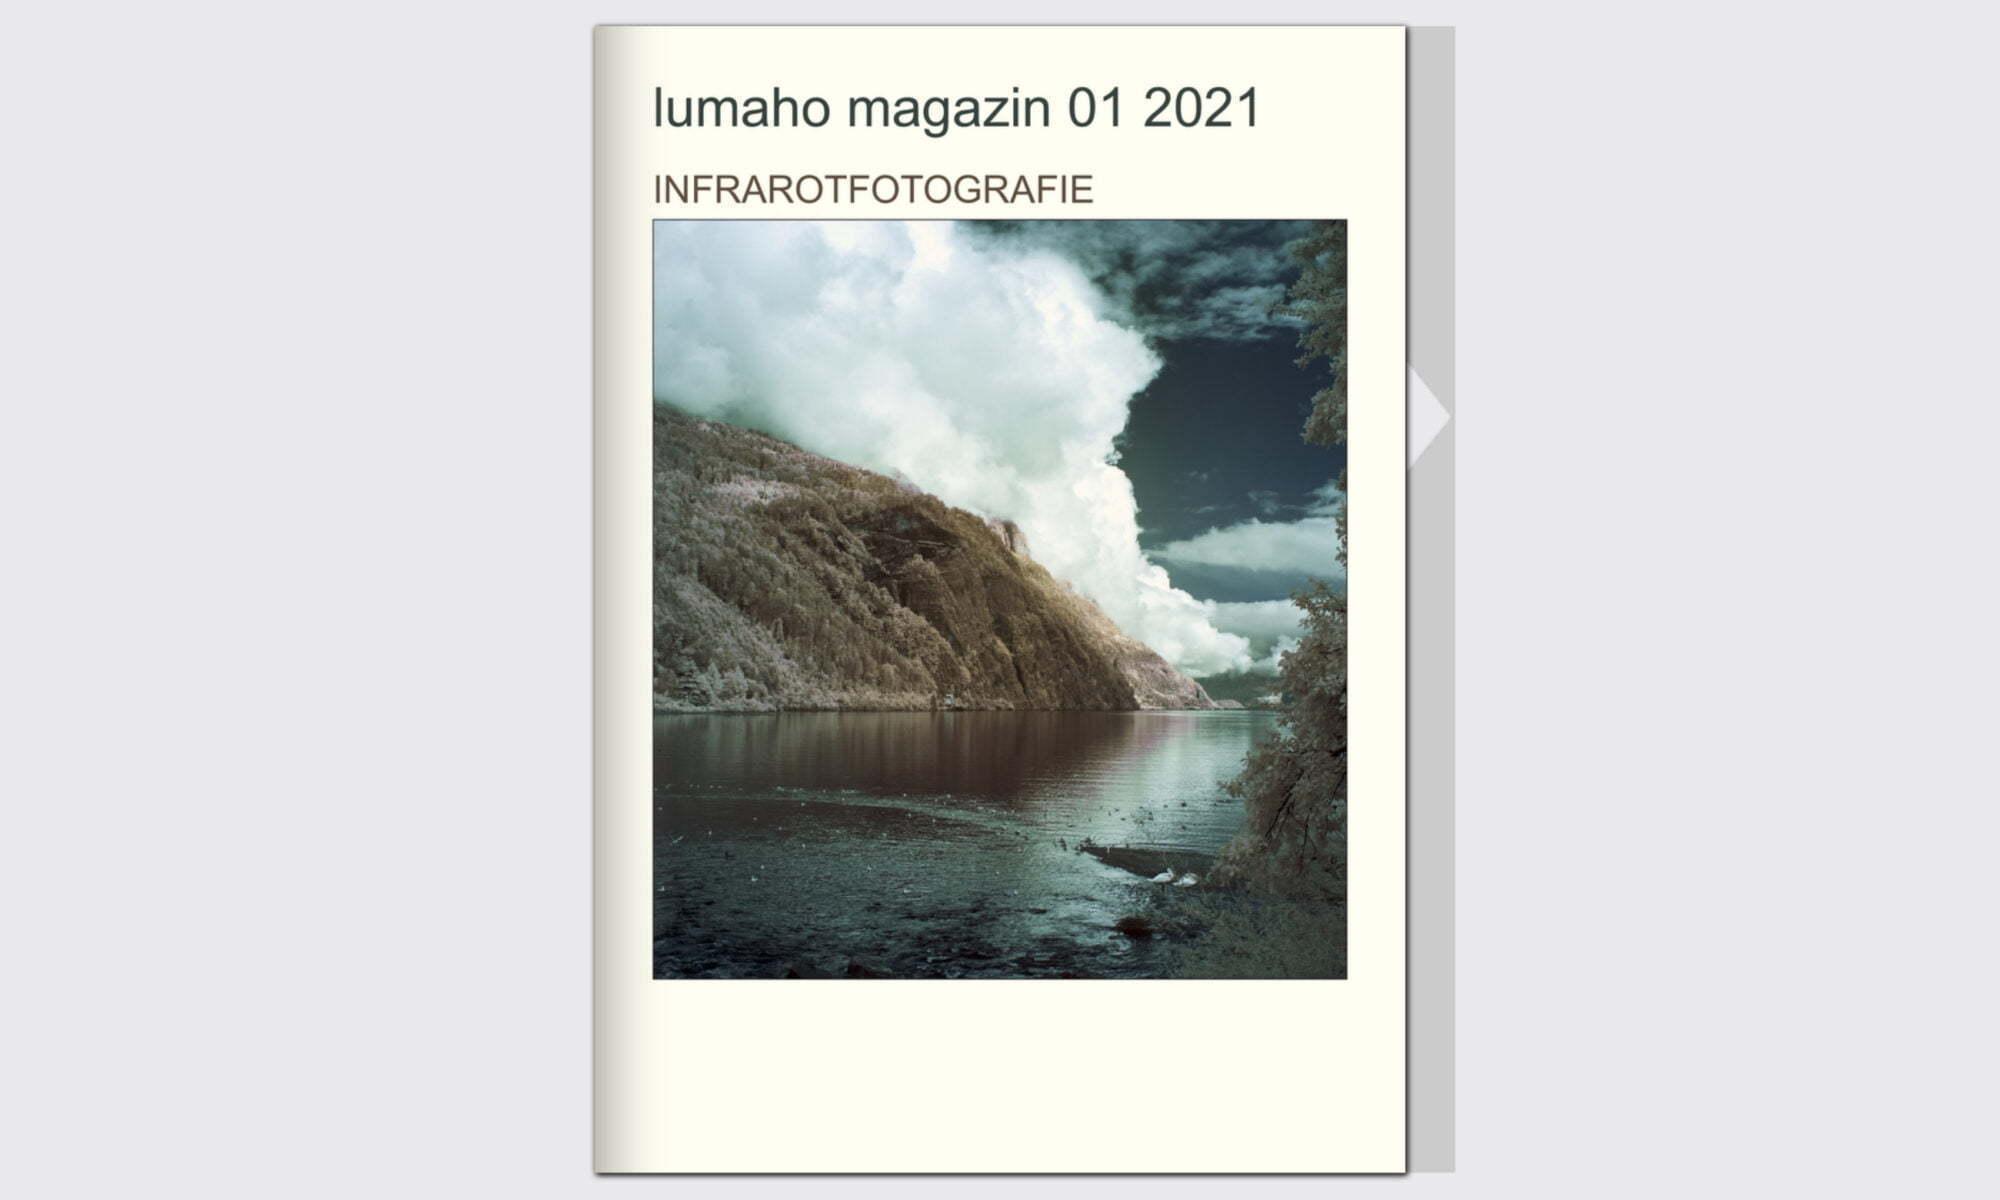 lumaho Magazin 01 2021